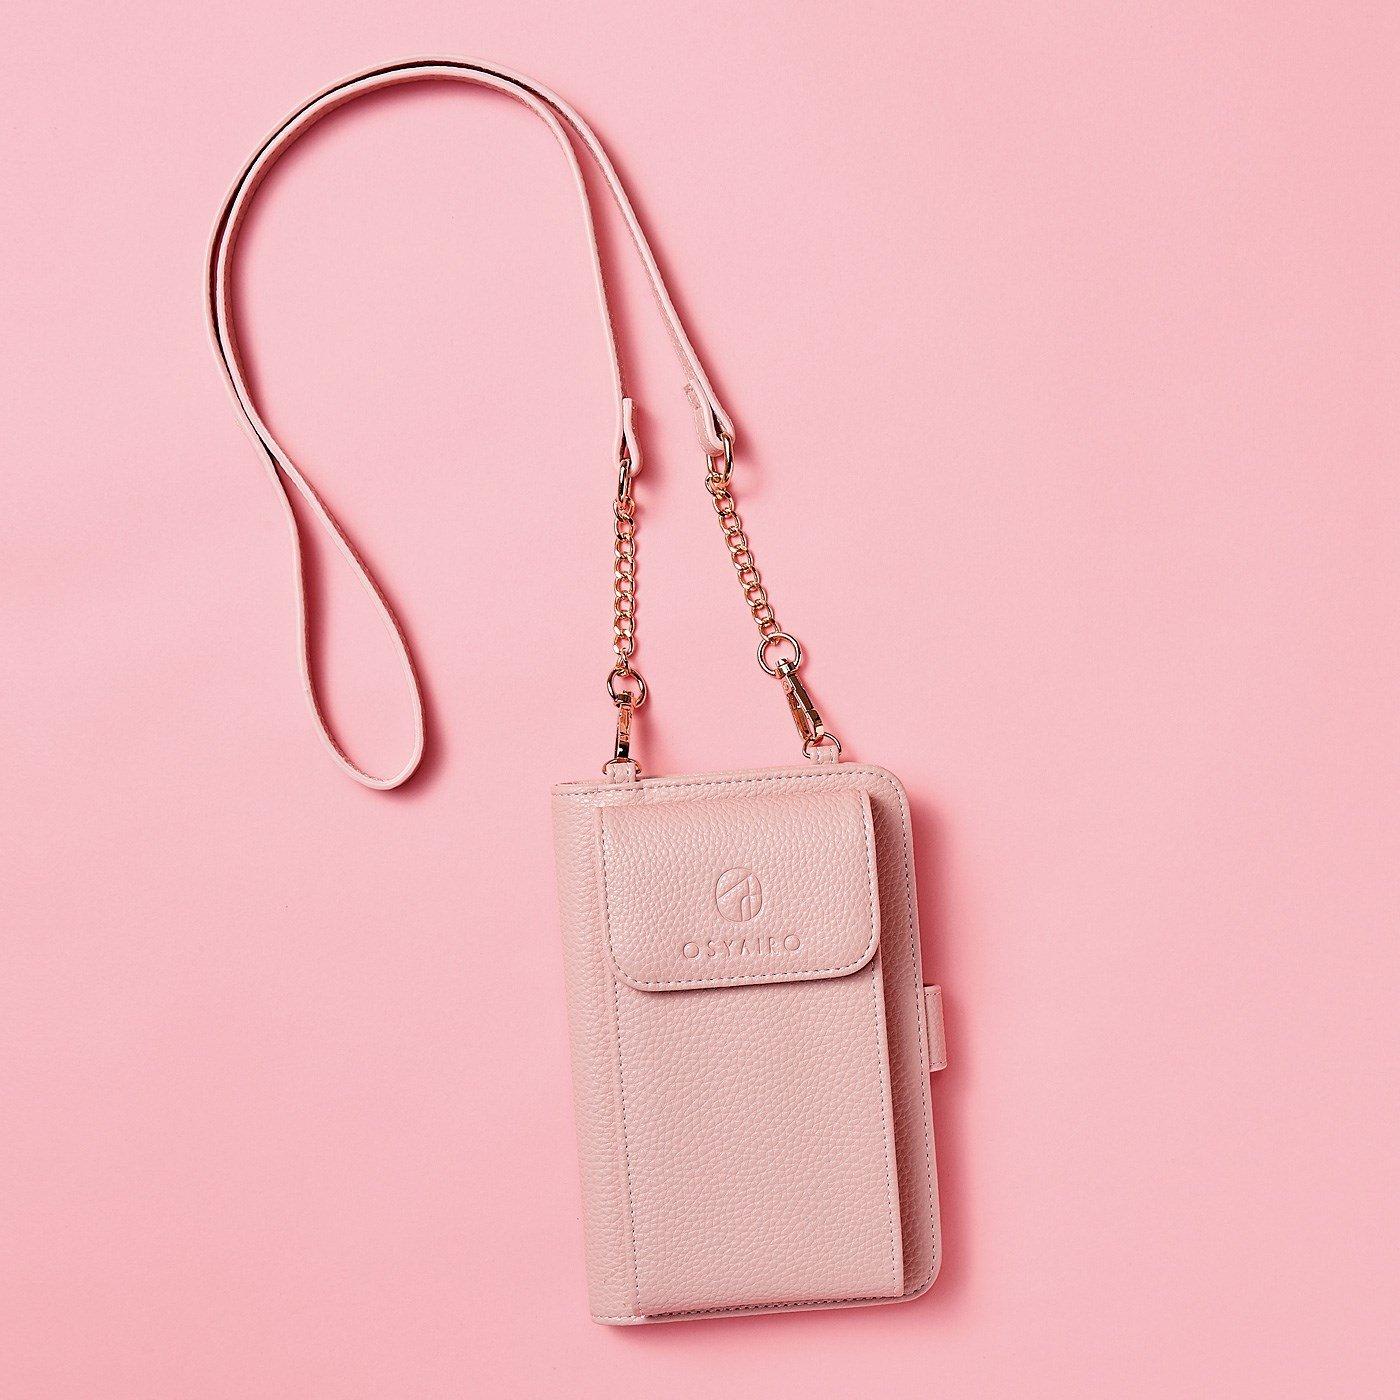 【3~10日でお届け】 OSYAIRO フォトポケットが付いた スマホ&おさいふポーチ〈ピンク〉